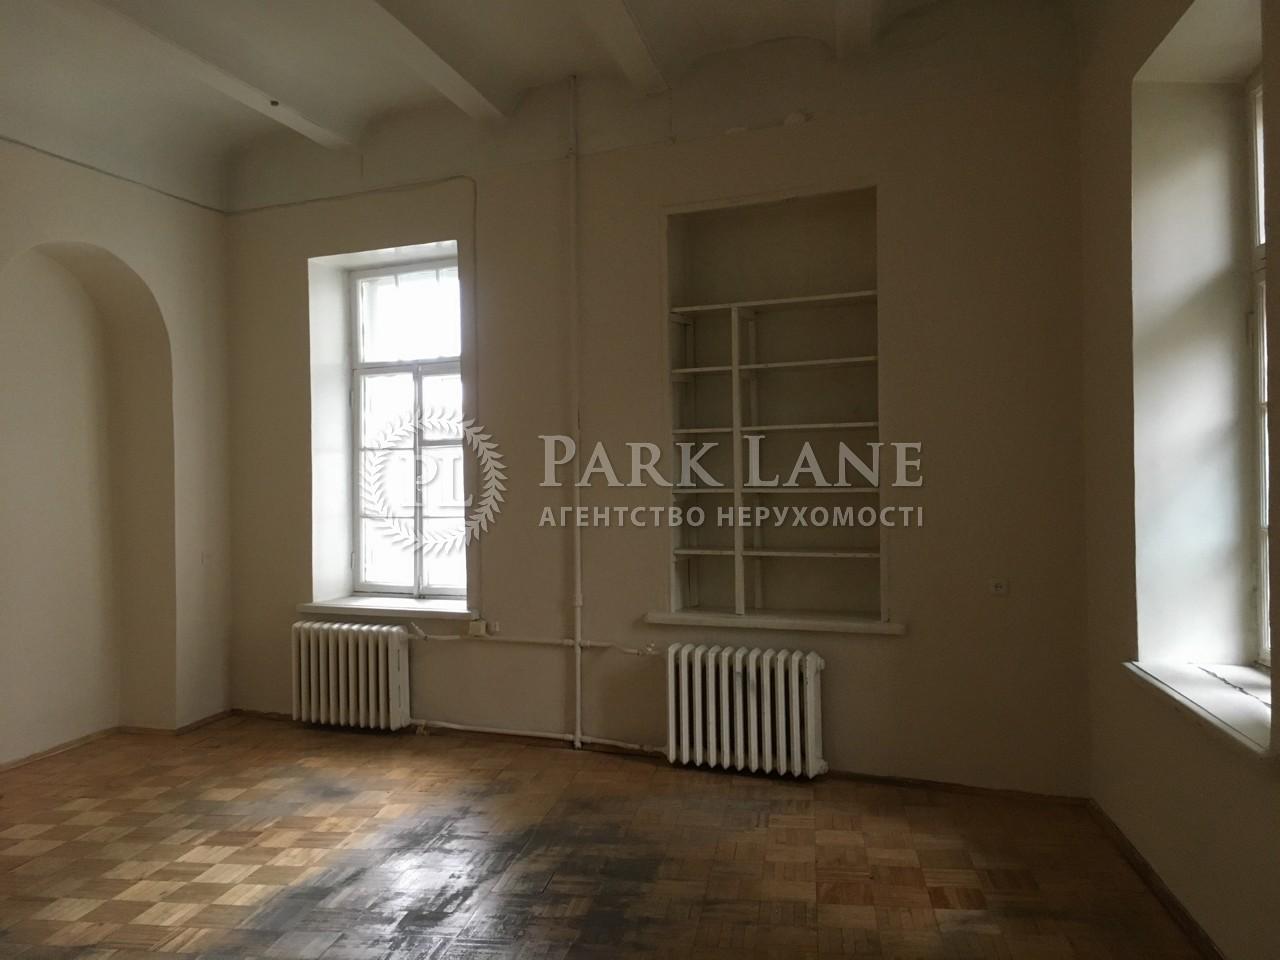 Нежилое помещение, ул. Прорезная (Центр), Киев, B-99450 - Фото 4